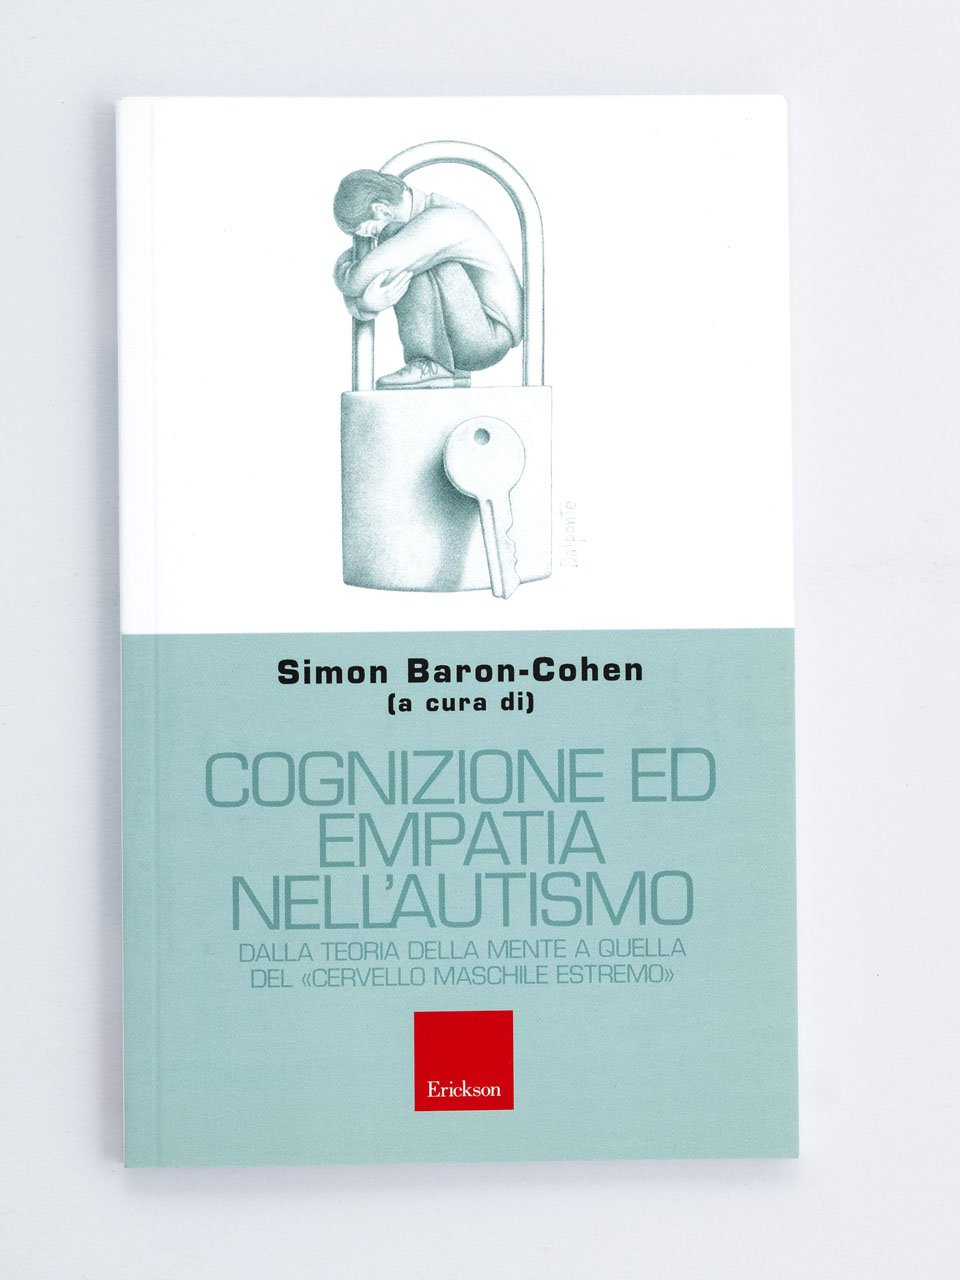 Cognizione ed empatia nell'autismo - Autismo a scuola - Libri - Erickson